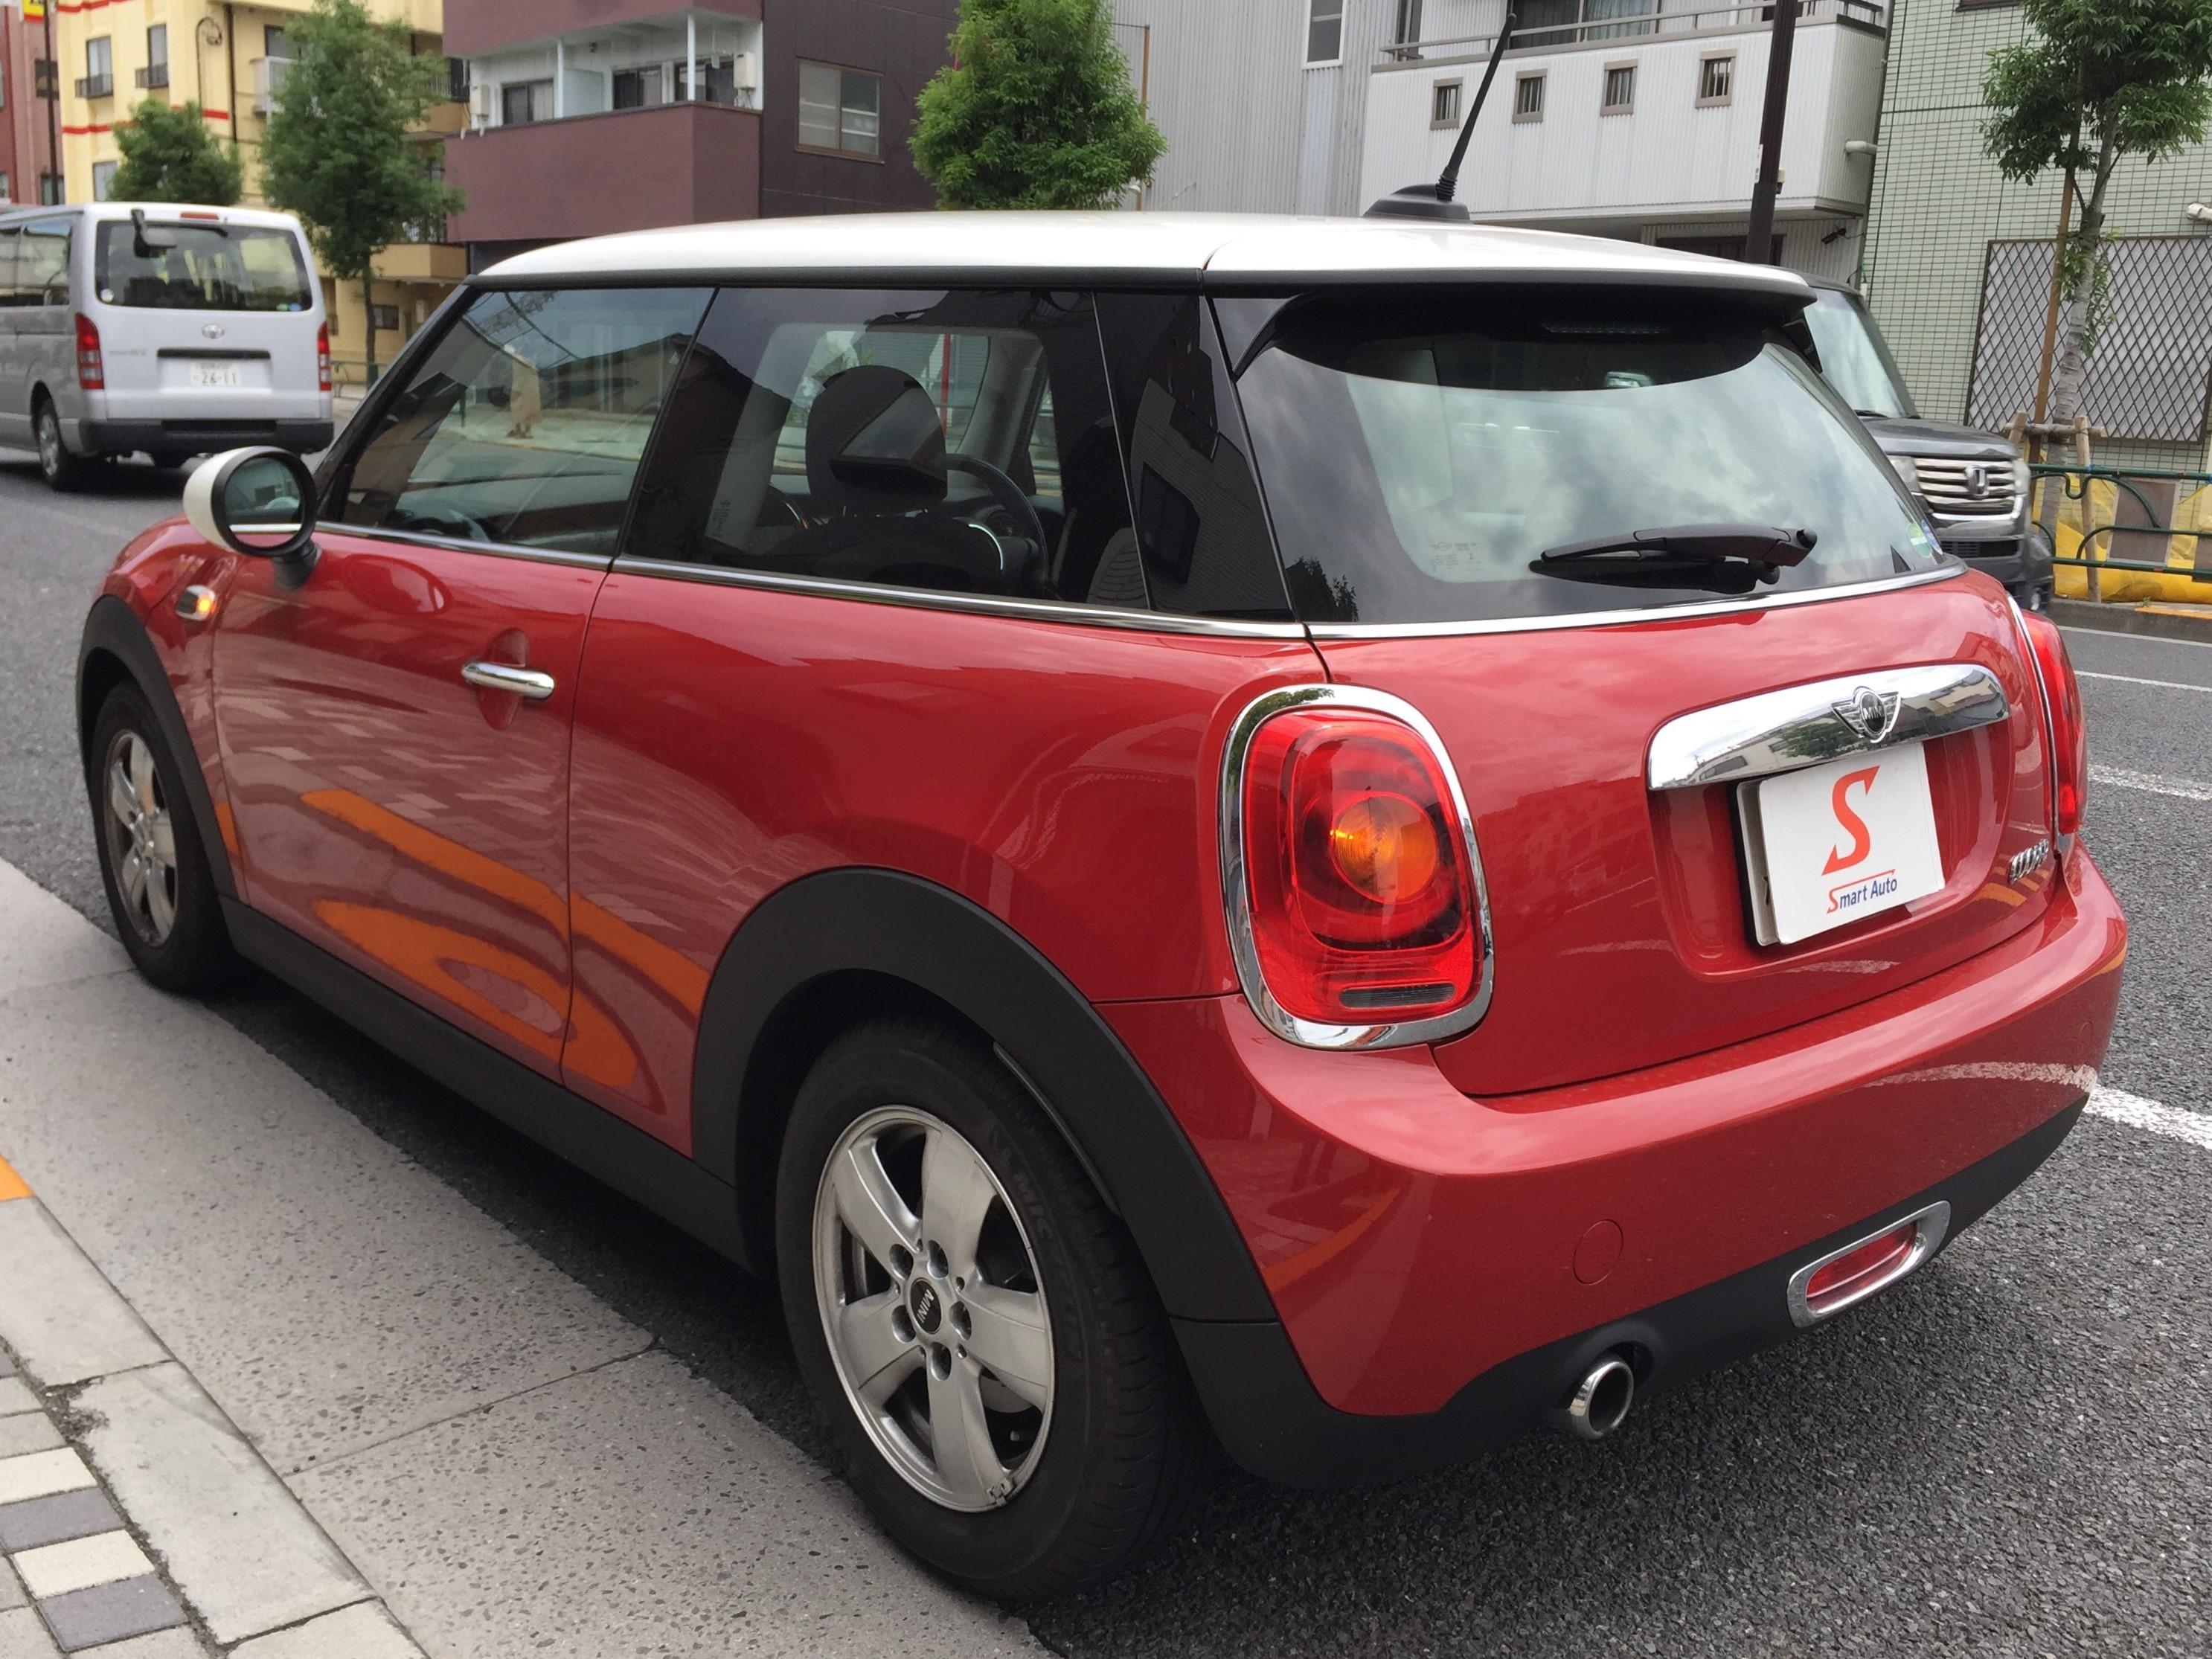 スマートオートの販売在庫車に< MINI クーパー >が、追加になりました。